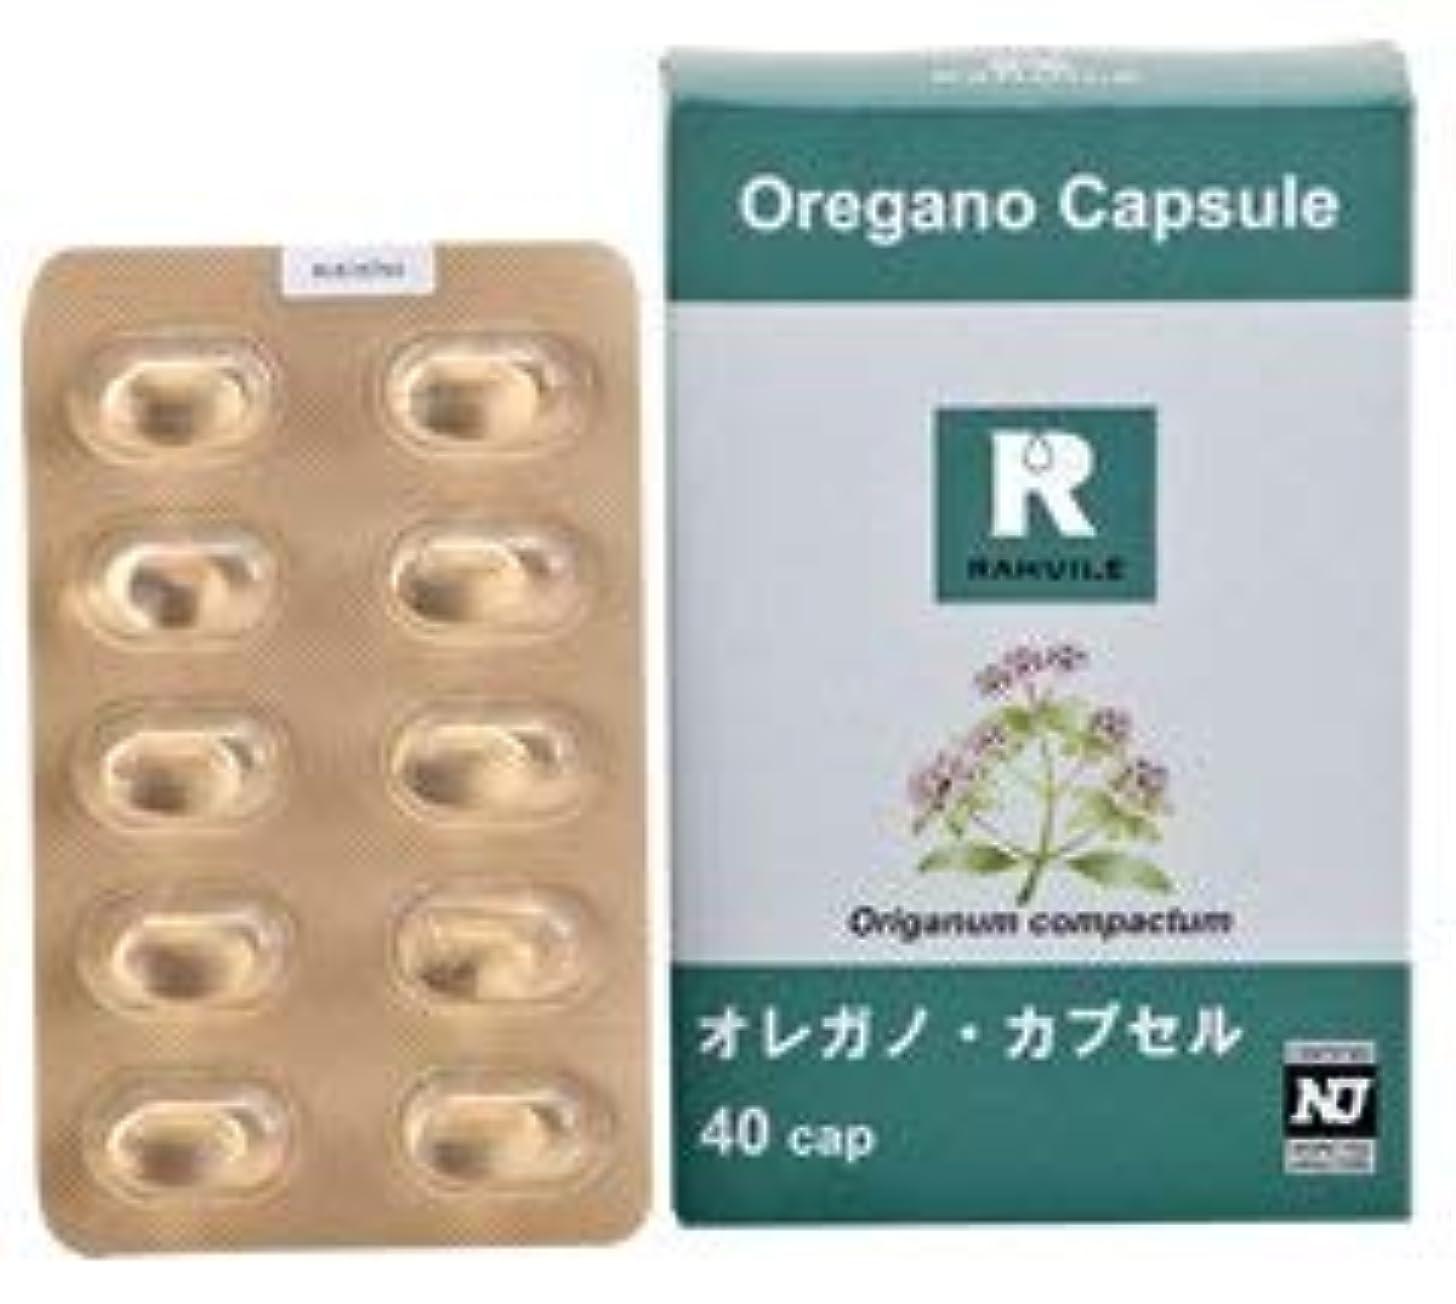 ネックレット伸ばす反対したラフューレ ( RAHUILE ) カプセルサプリメント オレガノ?アロマカプセル 40粒 cap001